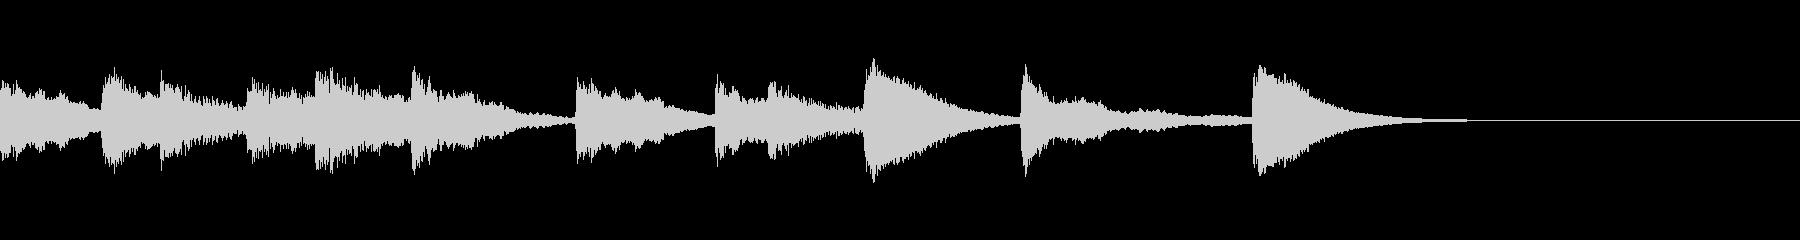 小さなおもちゃピアノの明るいワンフレーズの未再生の波形